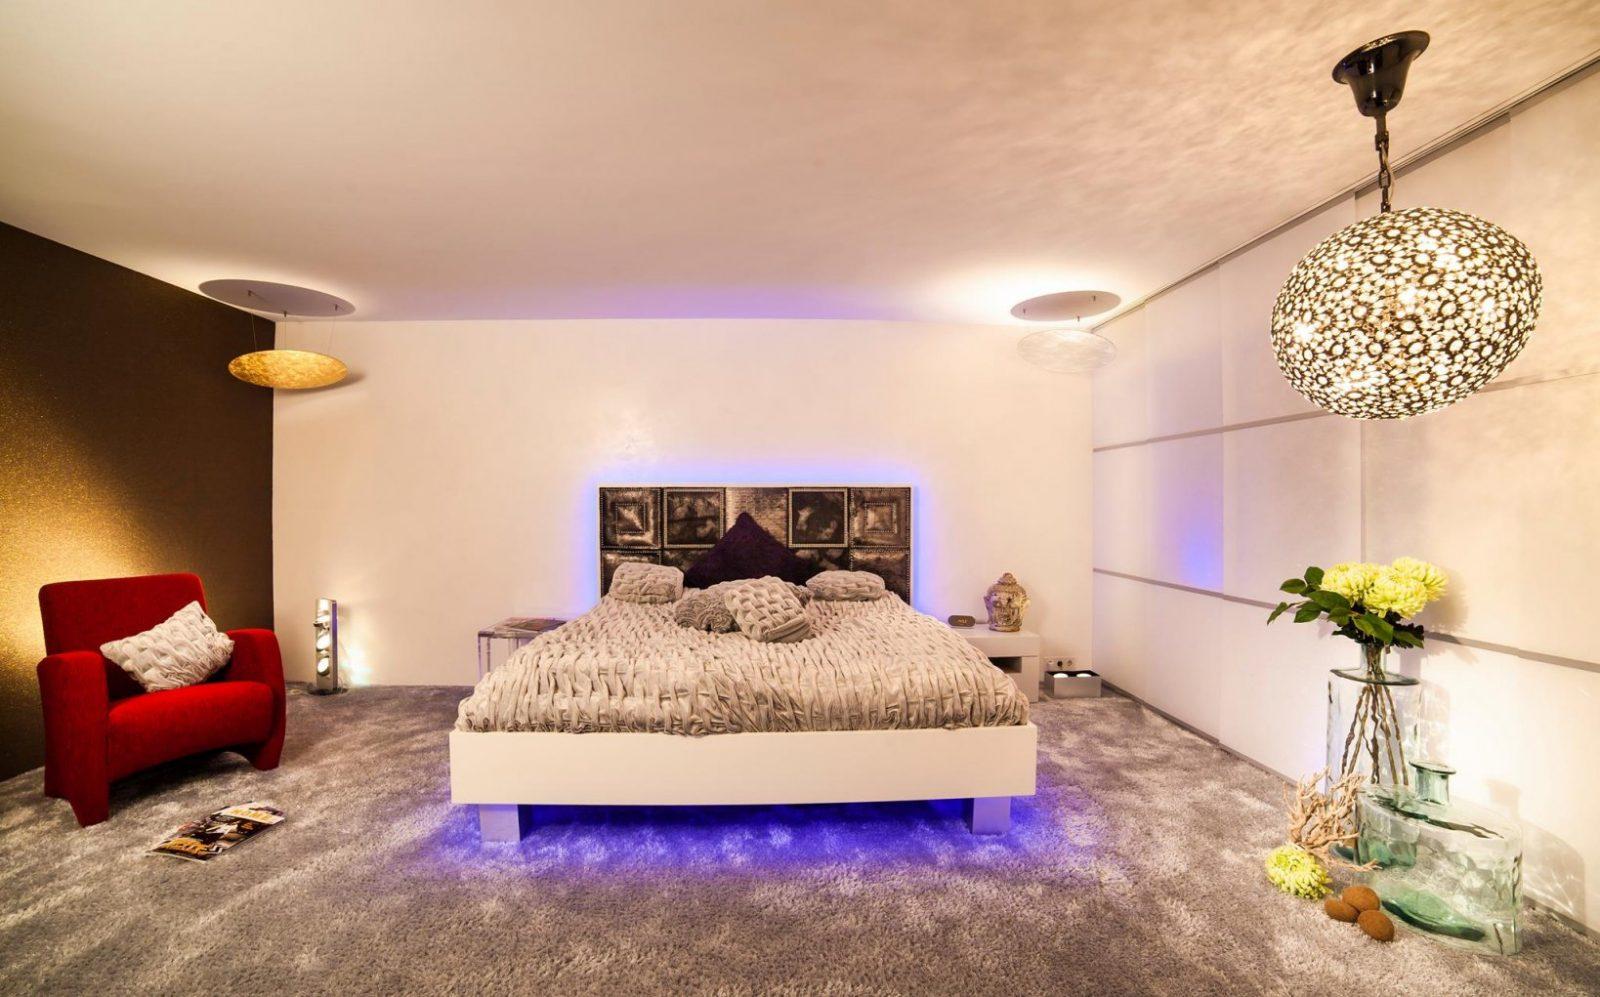 Inspiration Für Lichtdesign  Hwz von Beruhigende Bilder Fürs Schlafzimmer Photo